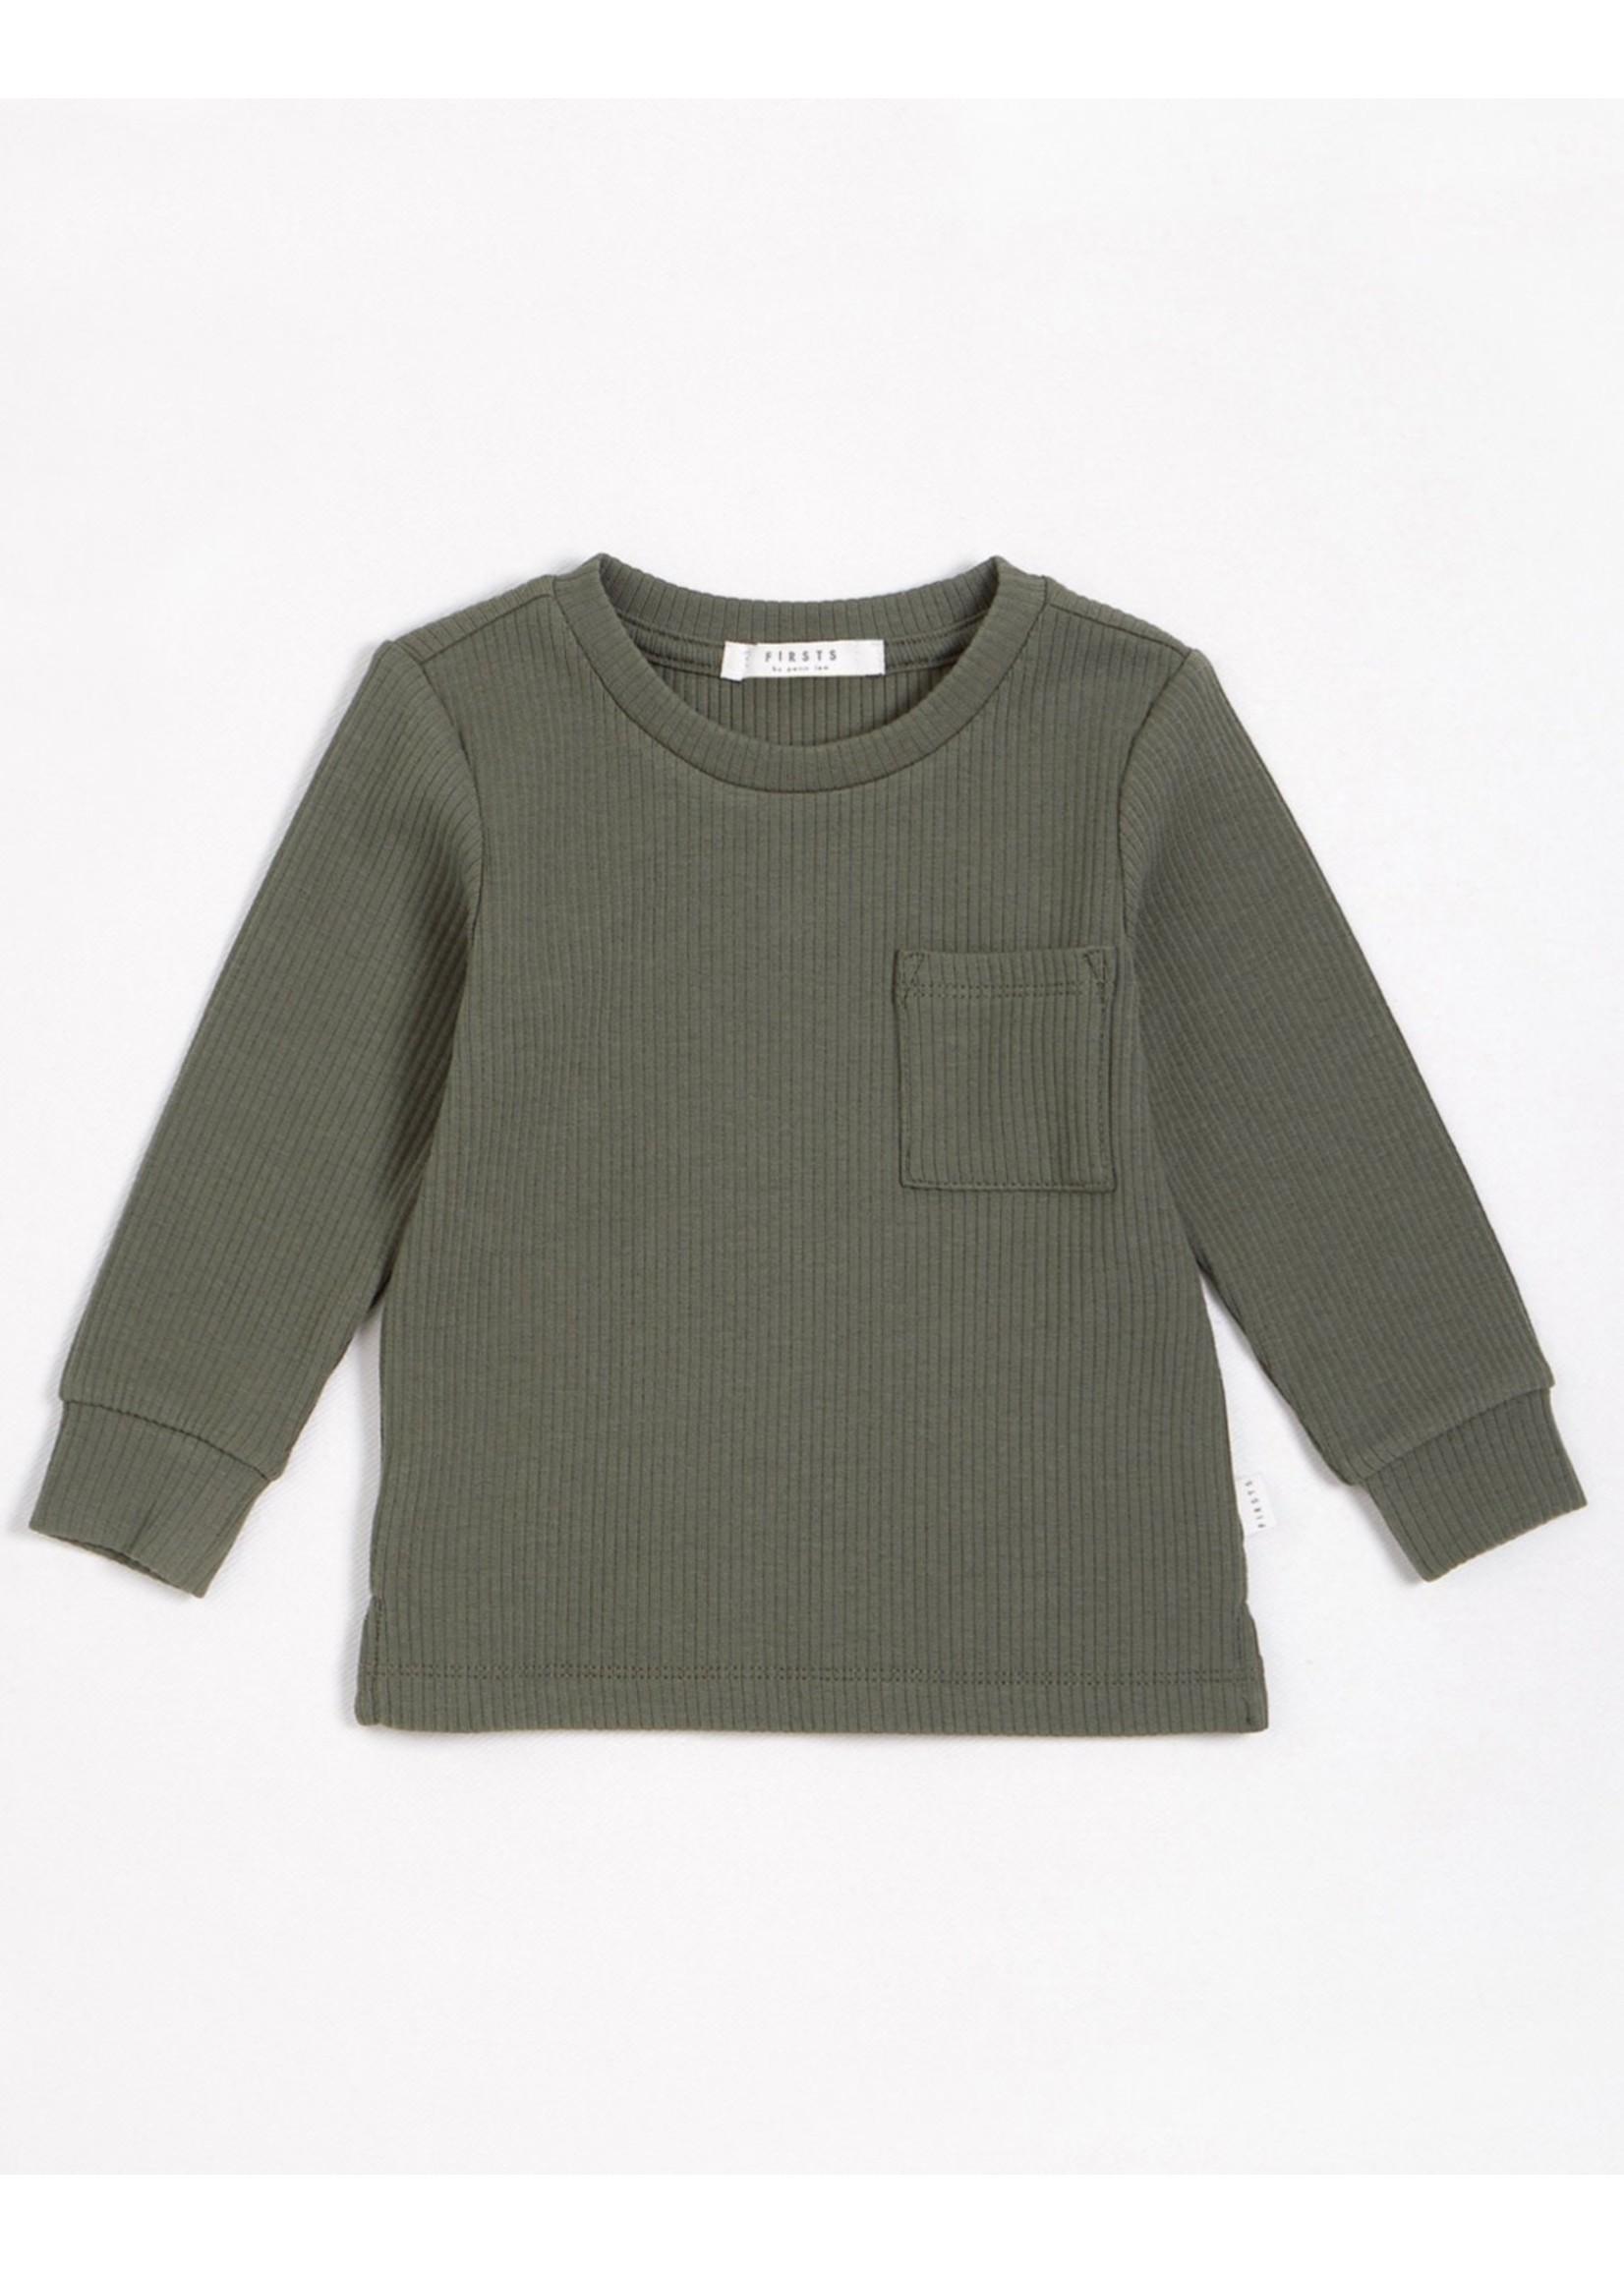 Petit Lem Petit Lem, Olive Modal Rib Long-Sleeve T-Shirt (NB-24M)